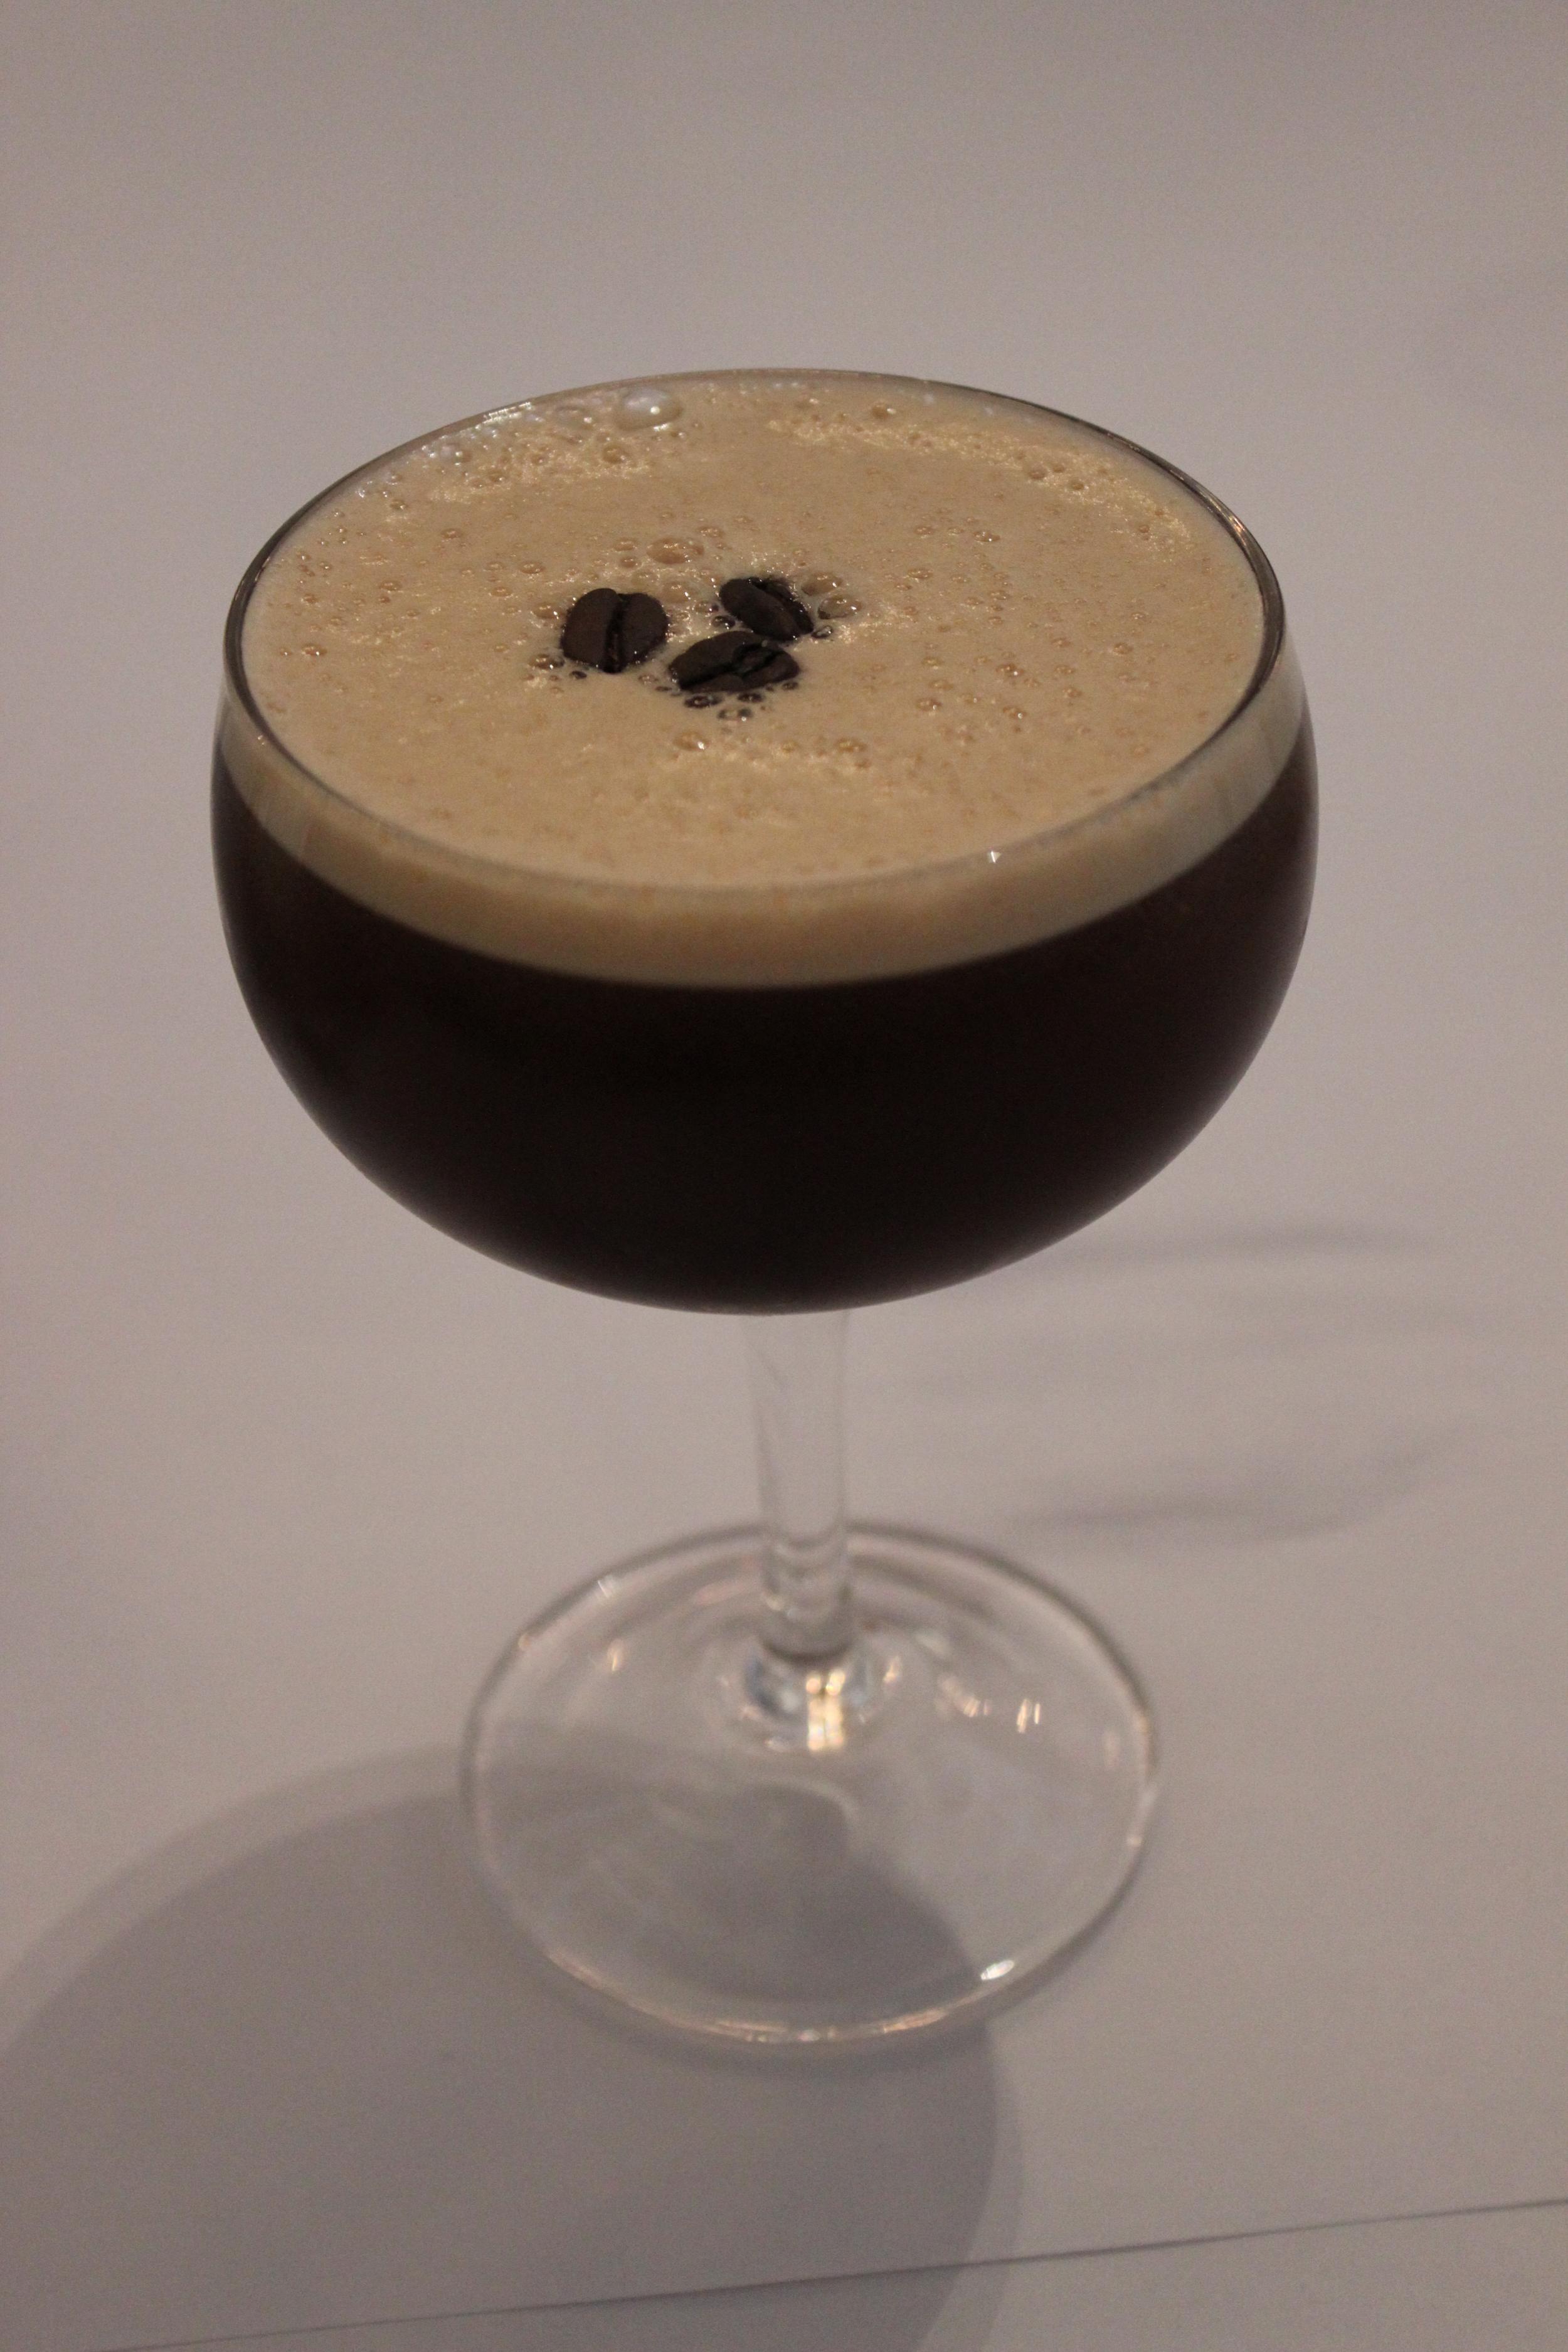 The goodMorning! Martini